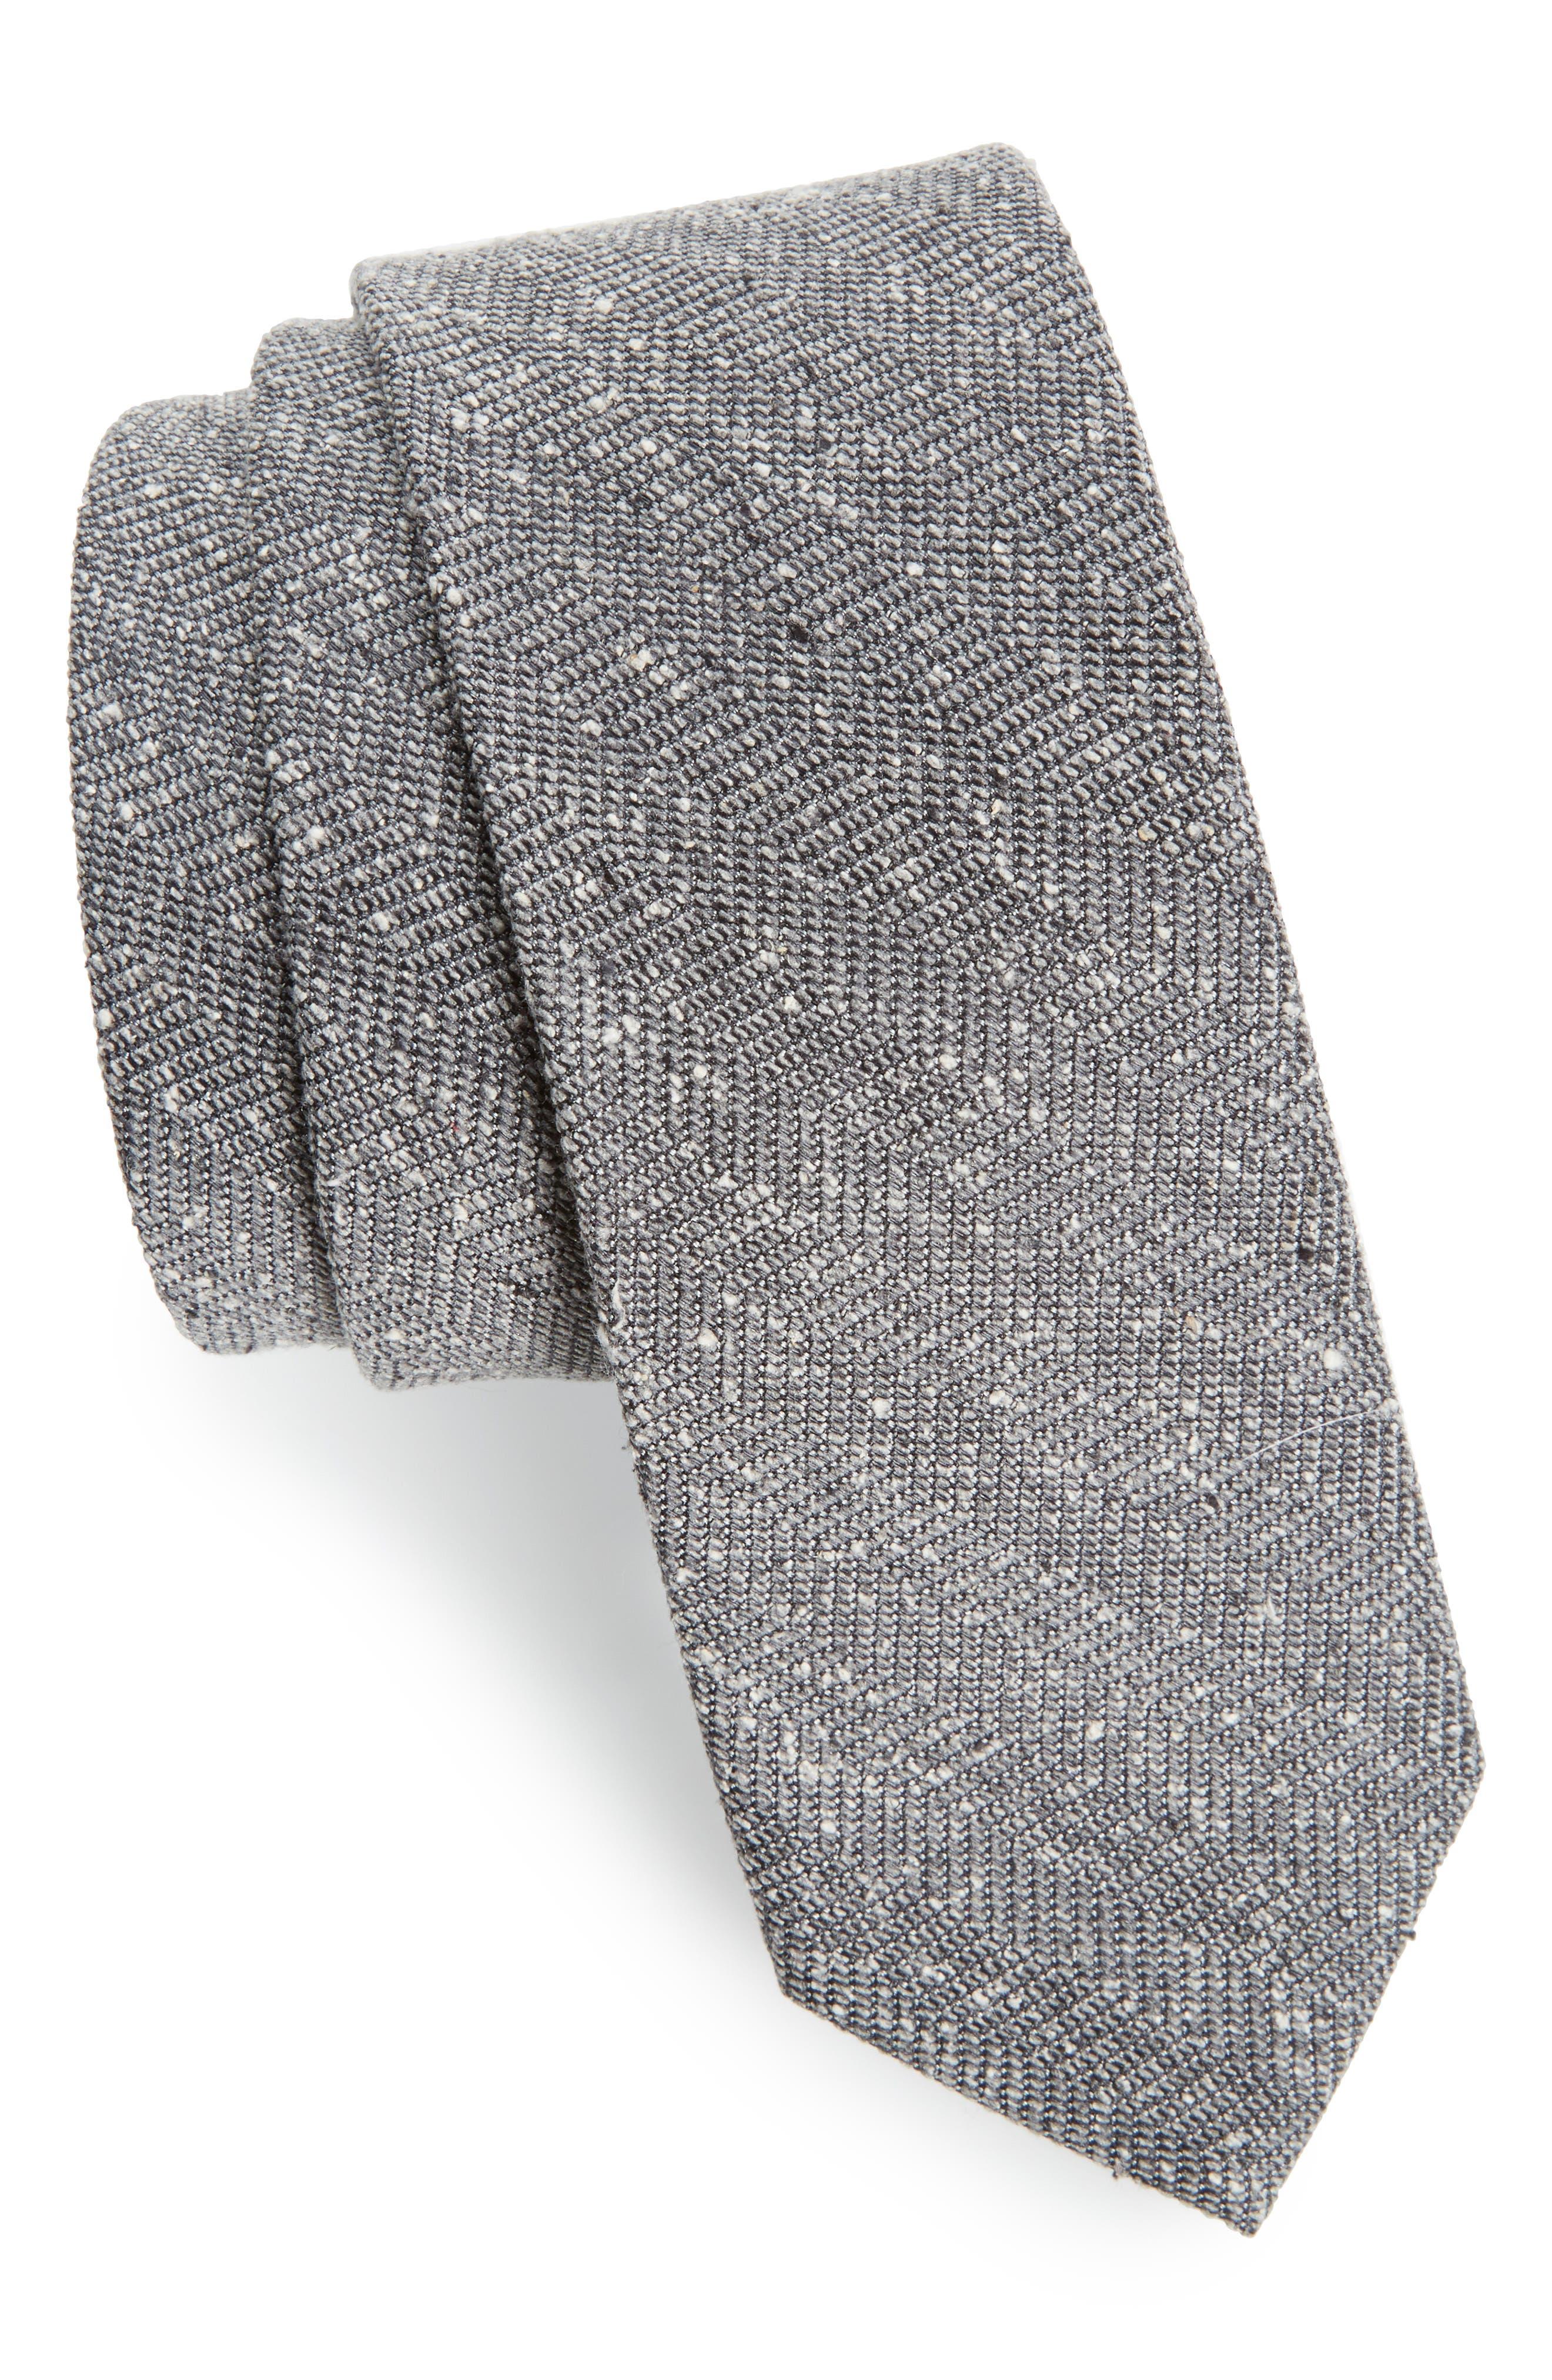 Zigzag Silk Tie,                         Main,                         color, 030